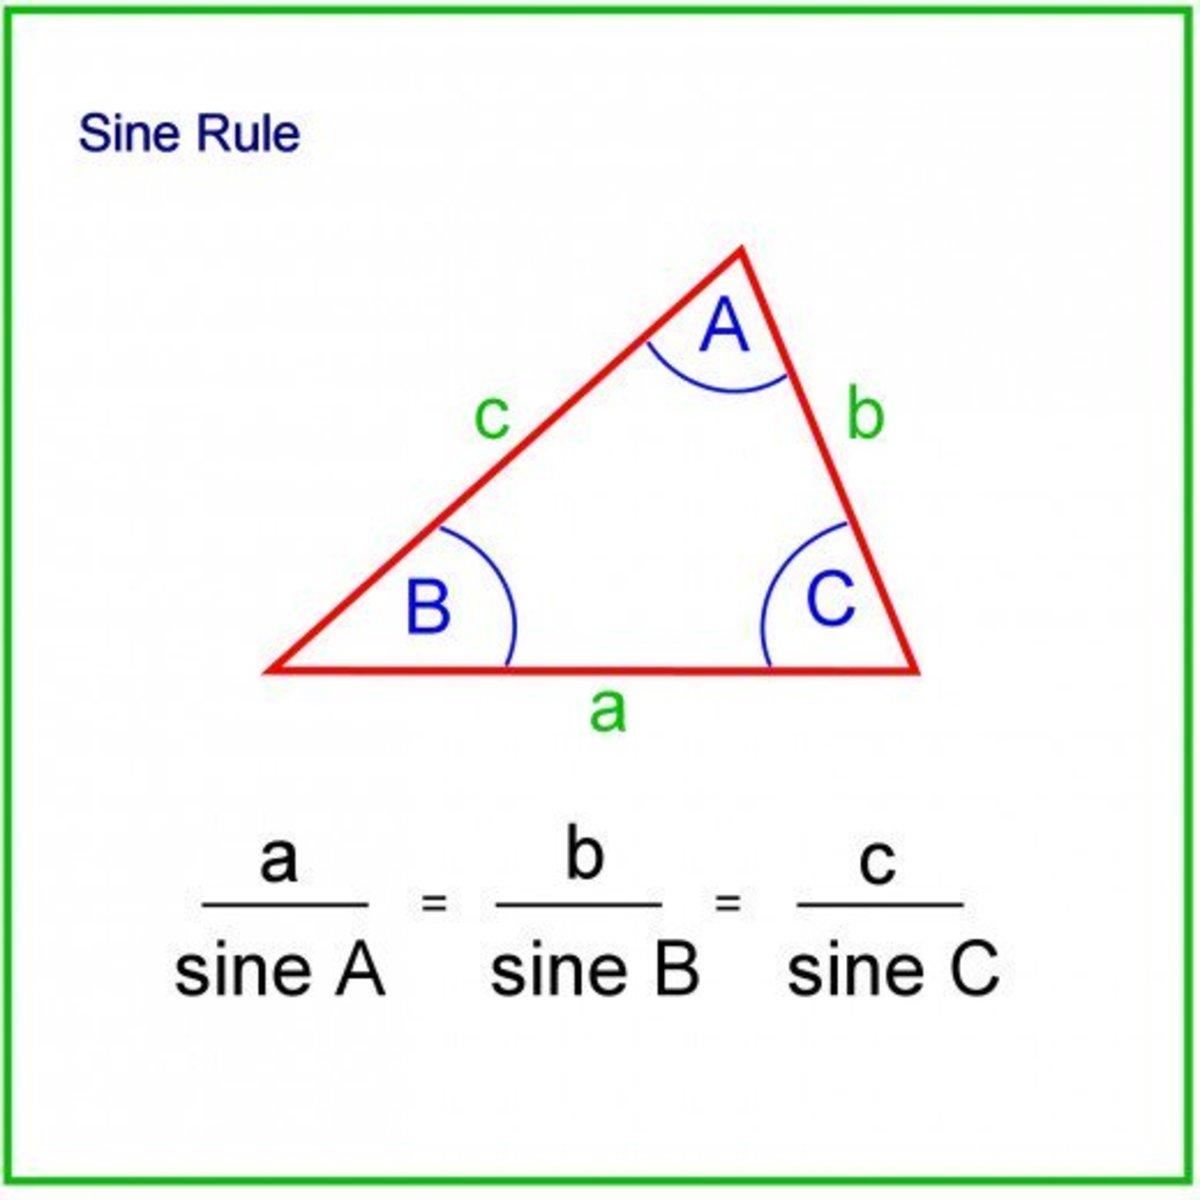 Sine rule.